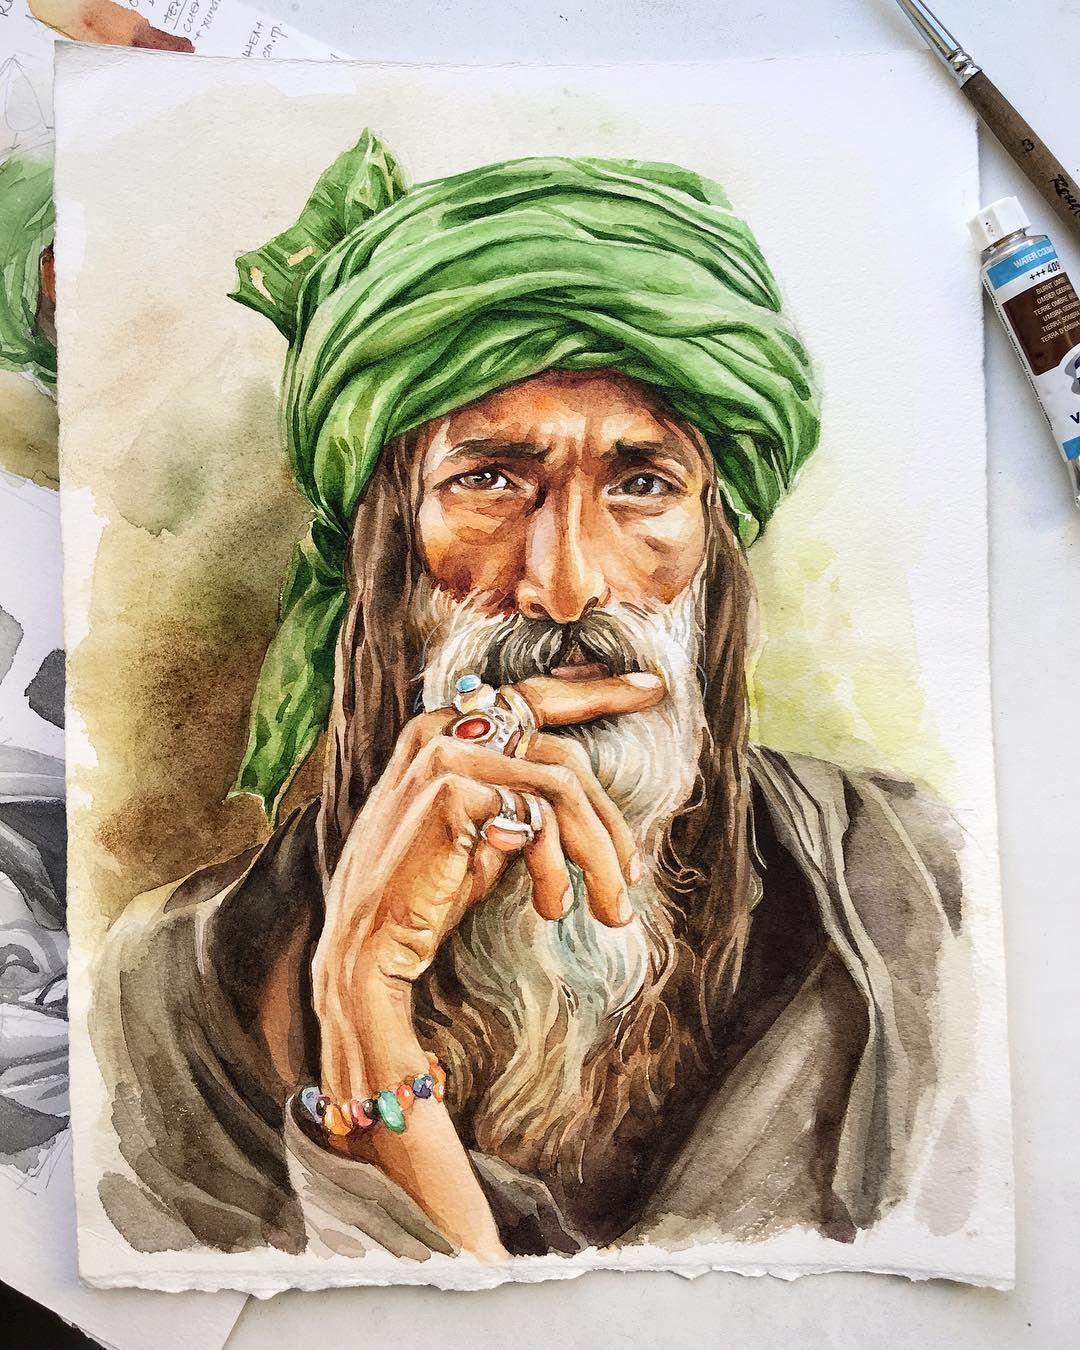 V Ramkah Marafona Risuemrasy 1 Ya Rasskazhu Ne Tolko O Zagadochnom Vostoke No I Tonkostyah Risovaniya Indijskogo Muzhchiny Portrait Art Portrait Tattoo